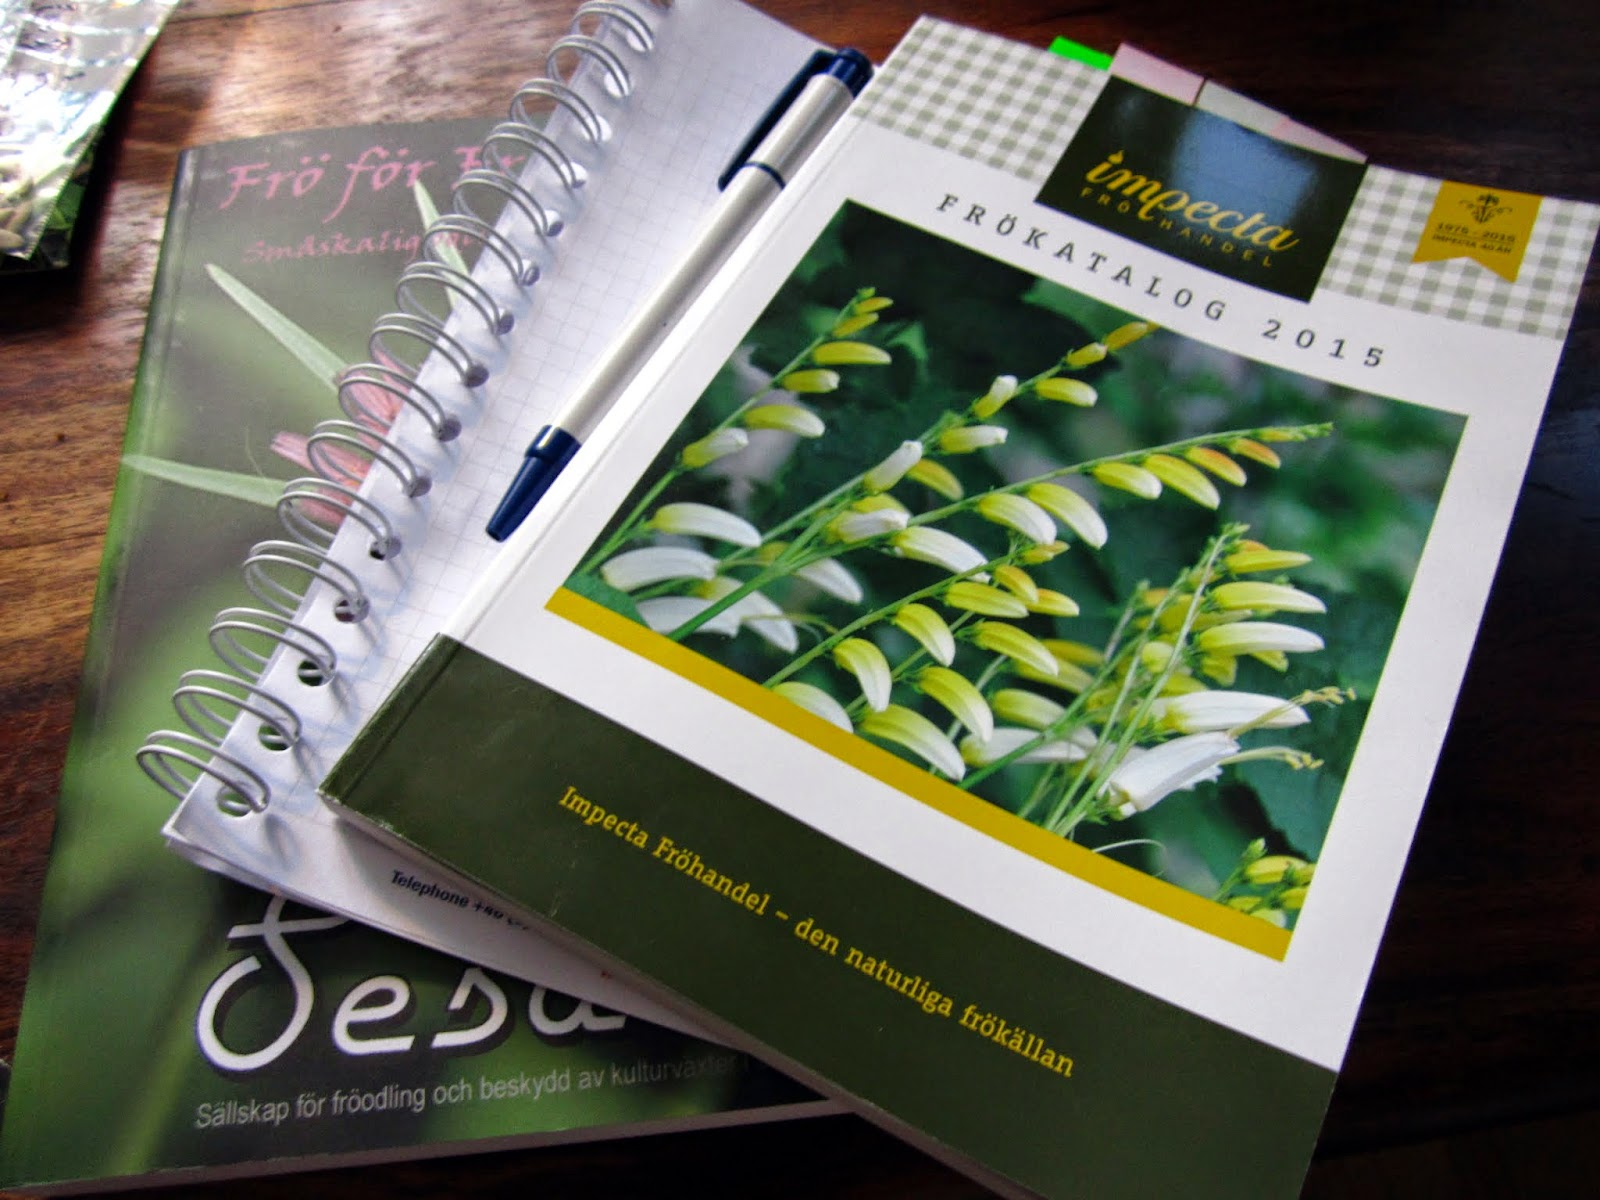 Frön, sådd, frösådd, förså, odla egen mat, självhushållning, frökataloger